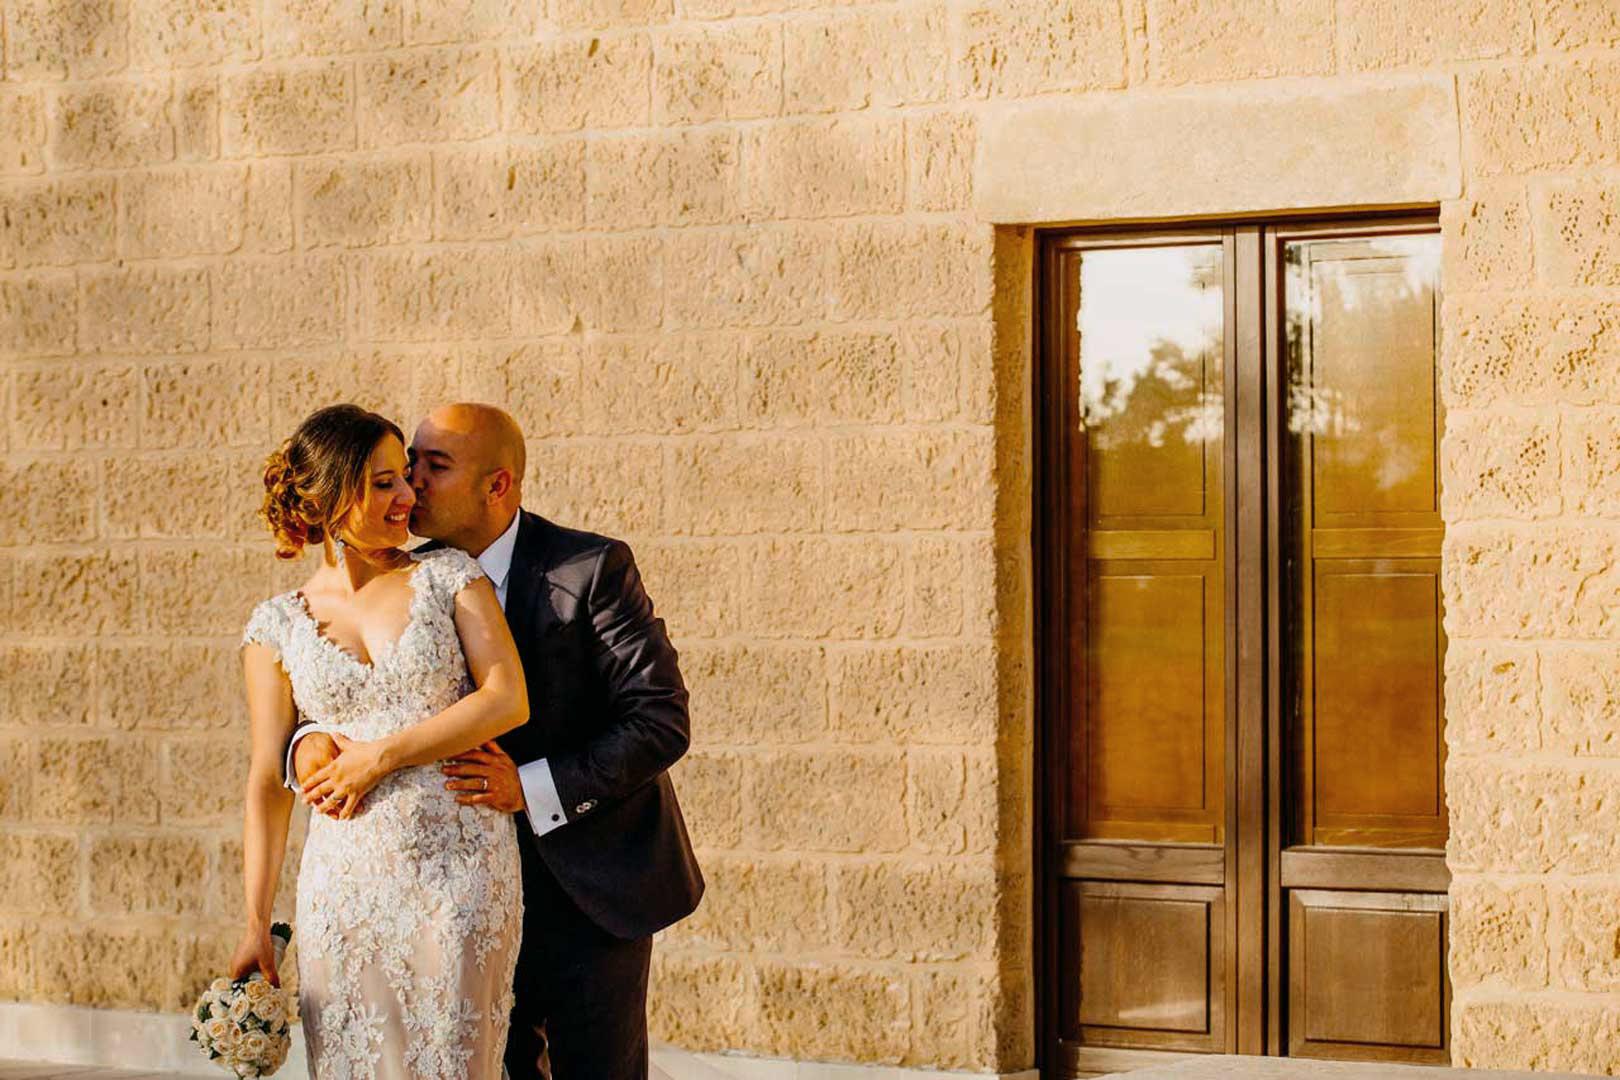 038-matrimonio-altamura-gianni-lepore-fotografo